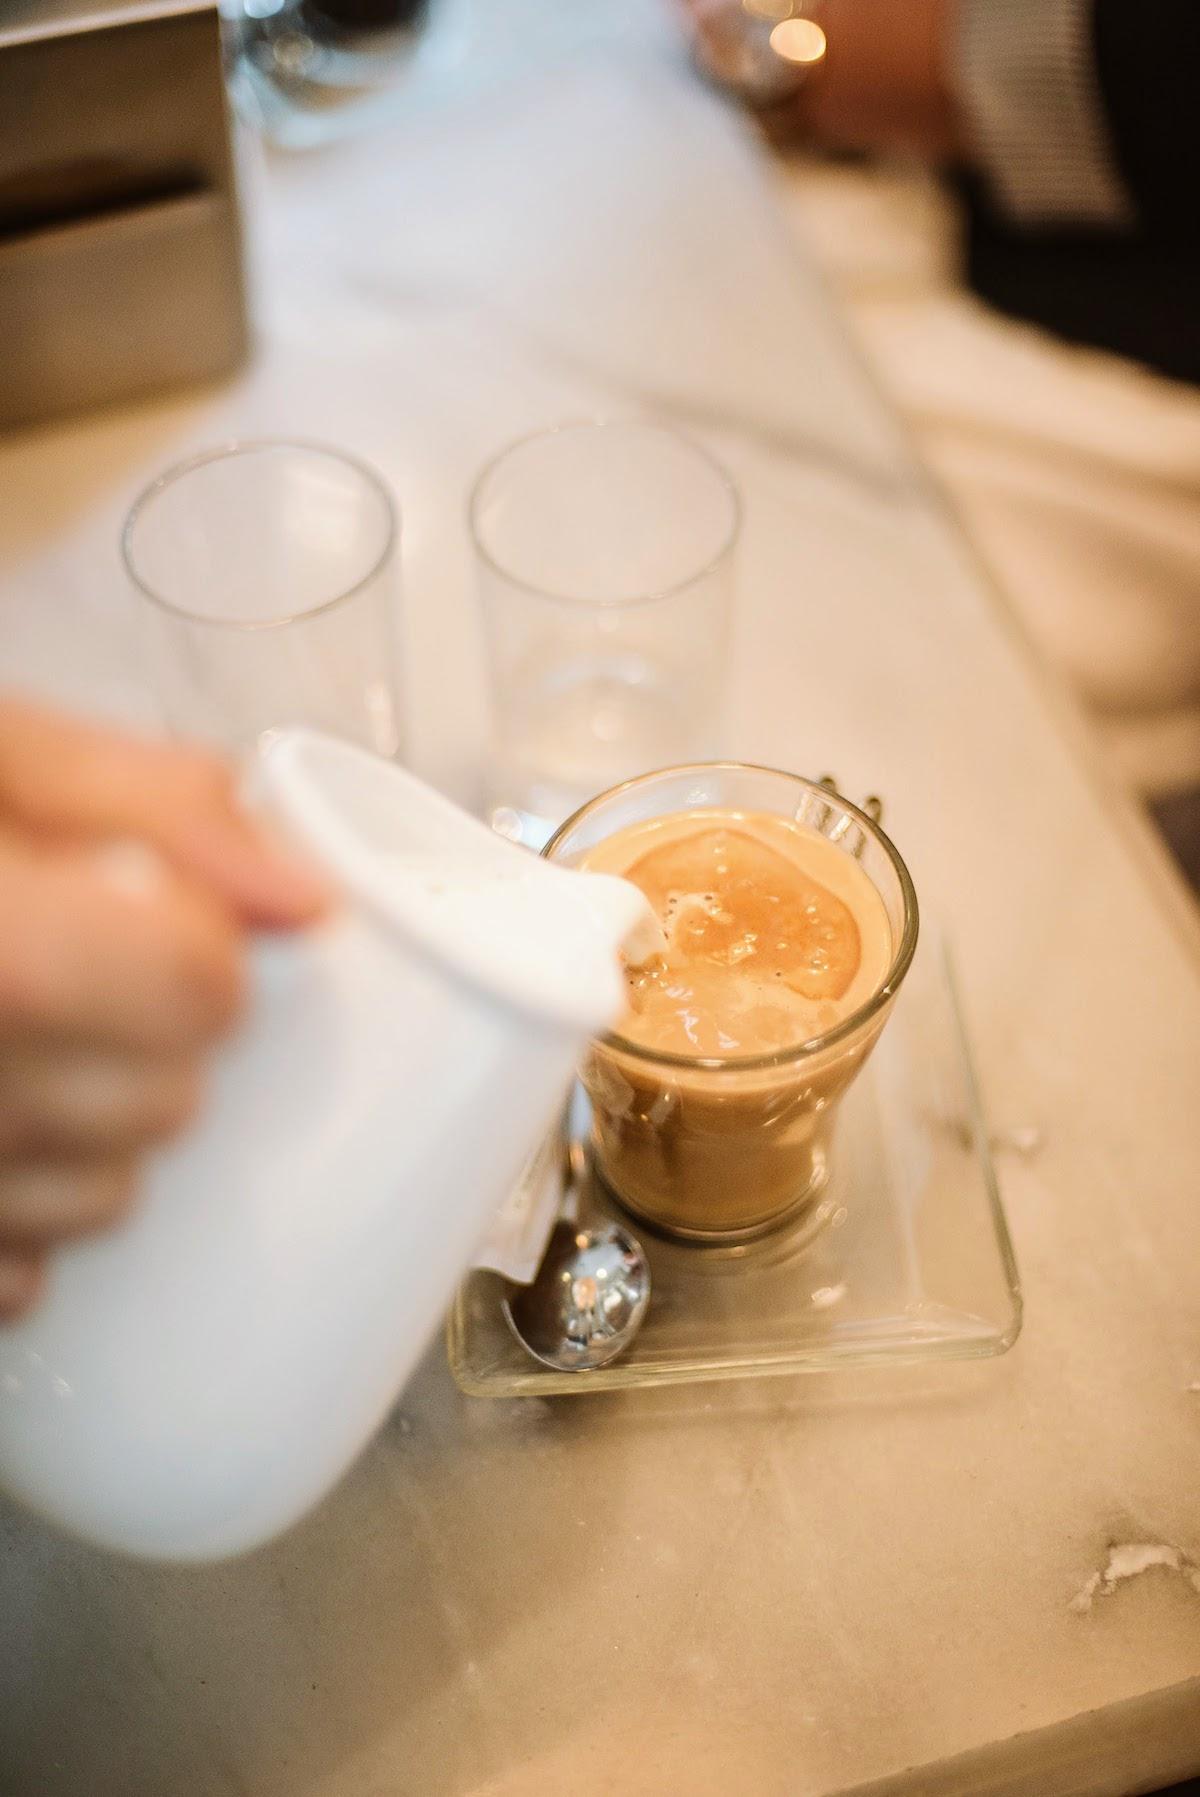 Vierta la leche en un vaso de café.